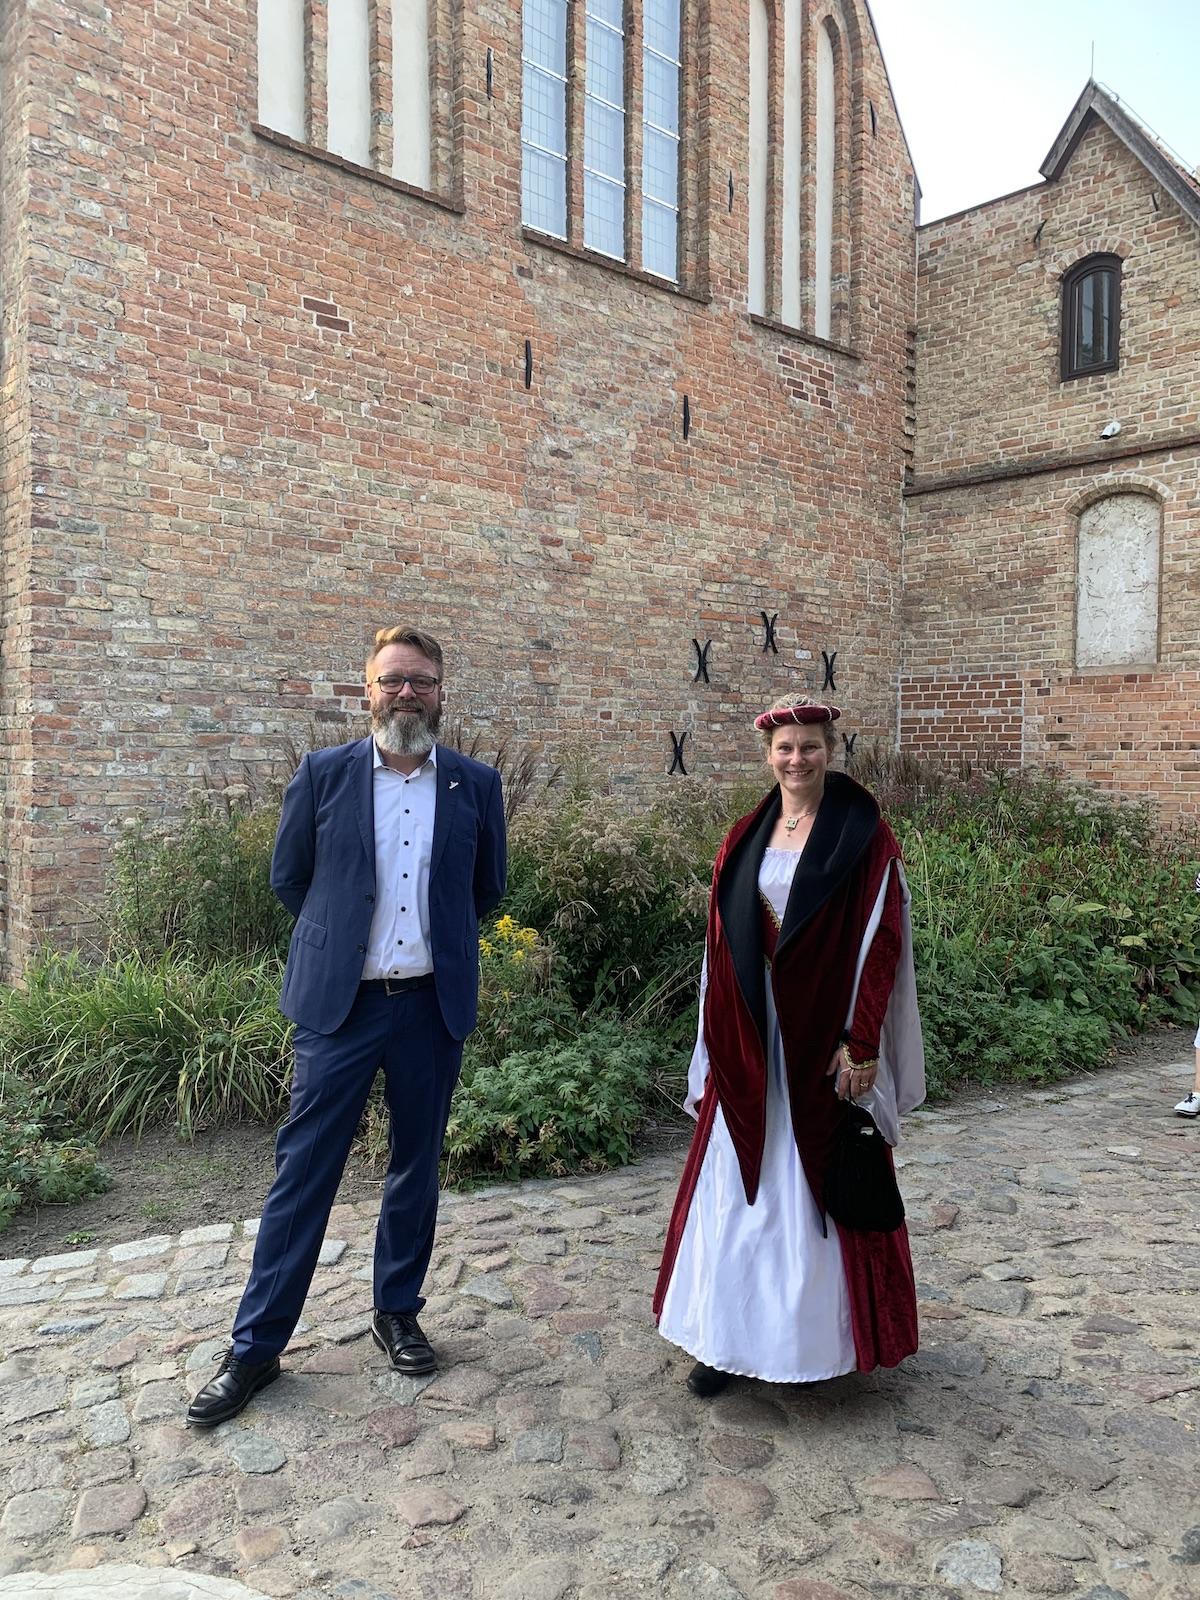 1. Mal die dänische Königin Margarete Sambiria beim 750. Klosterjubiläum gespielt und den Rostocker Bürgermeister, einen gebürtigen Dänen, getroffen.